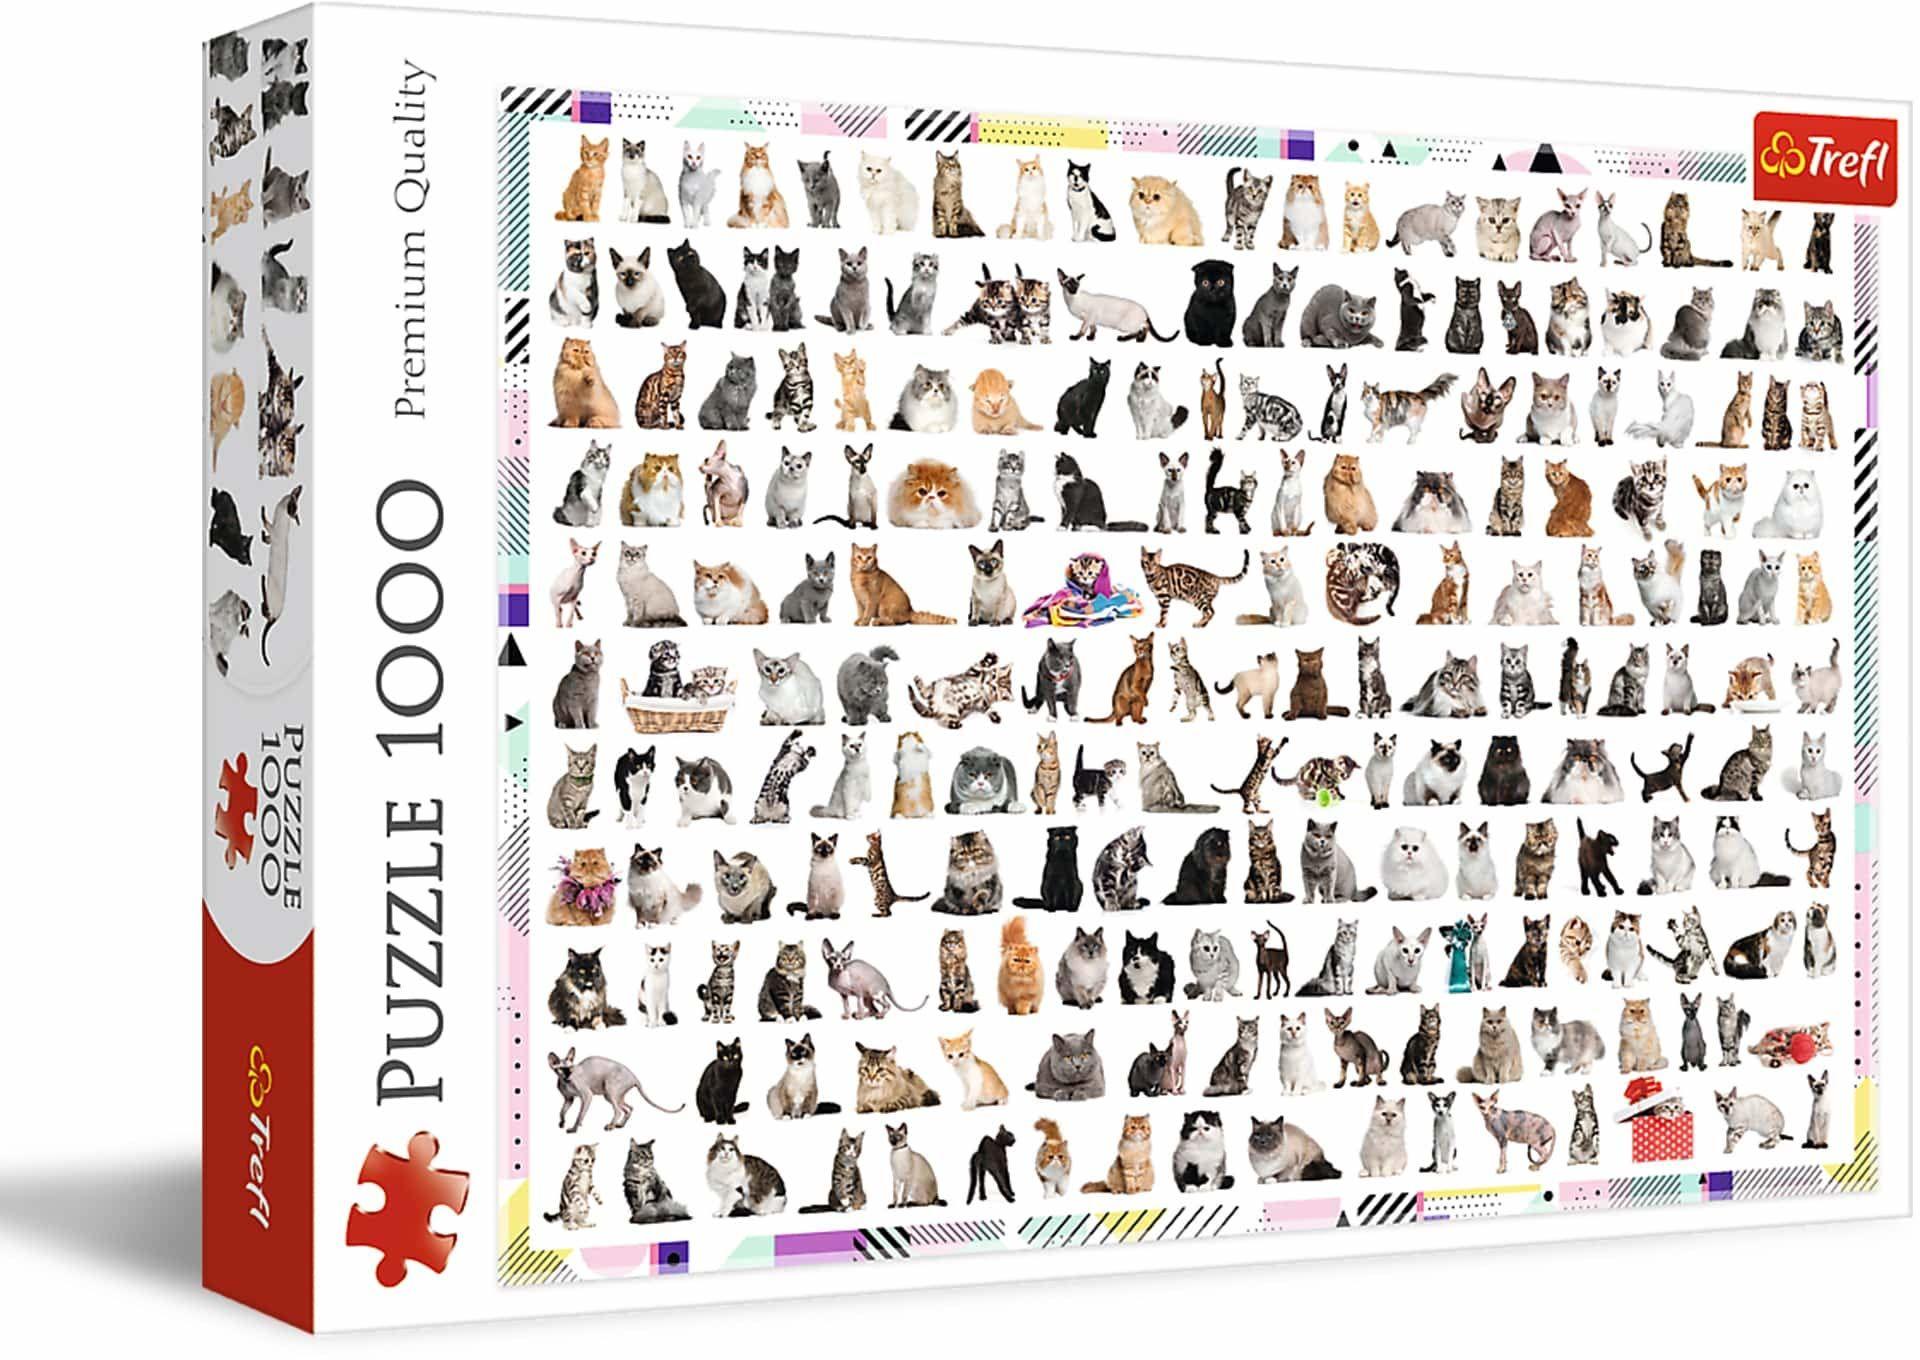 Trefl 208 Kotów Puzzle 1000 Elementów o Wysokiej Jakości Nadruku dla Dorosłych i Dzieci od 12 lat